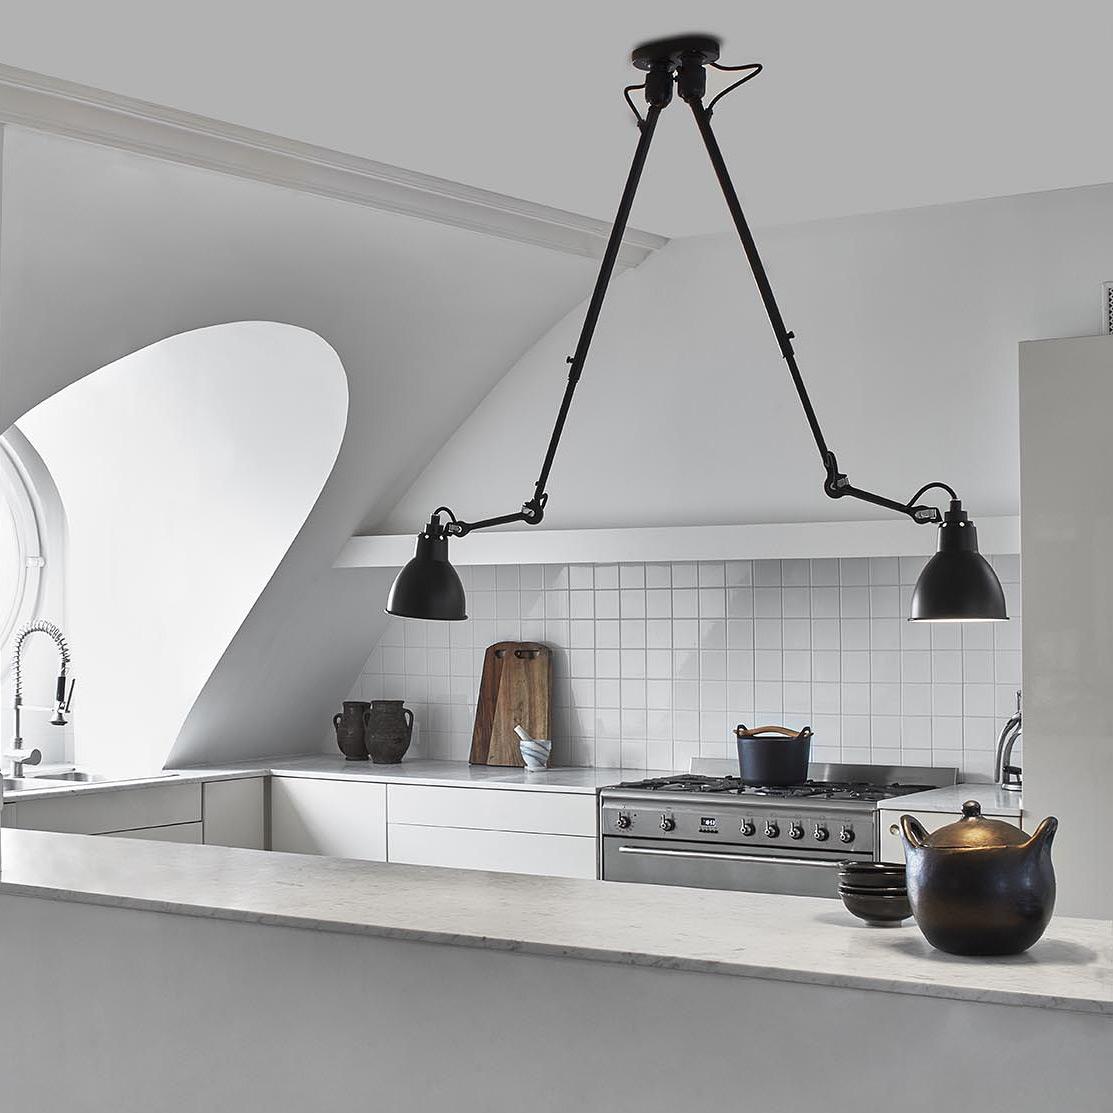 Full Size of Küchen Regal Schlafzimmer Deckenlampe Deckenlampen Wohnzimmer Modern Esstisch Für Bad Küche Wohnzimmer Küchen Deckenlampe